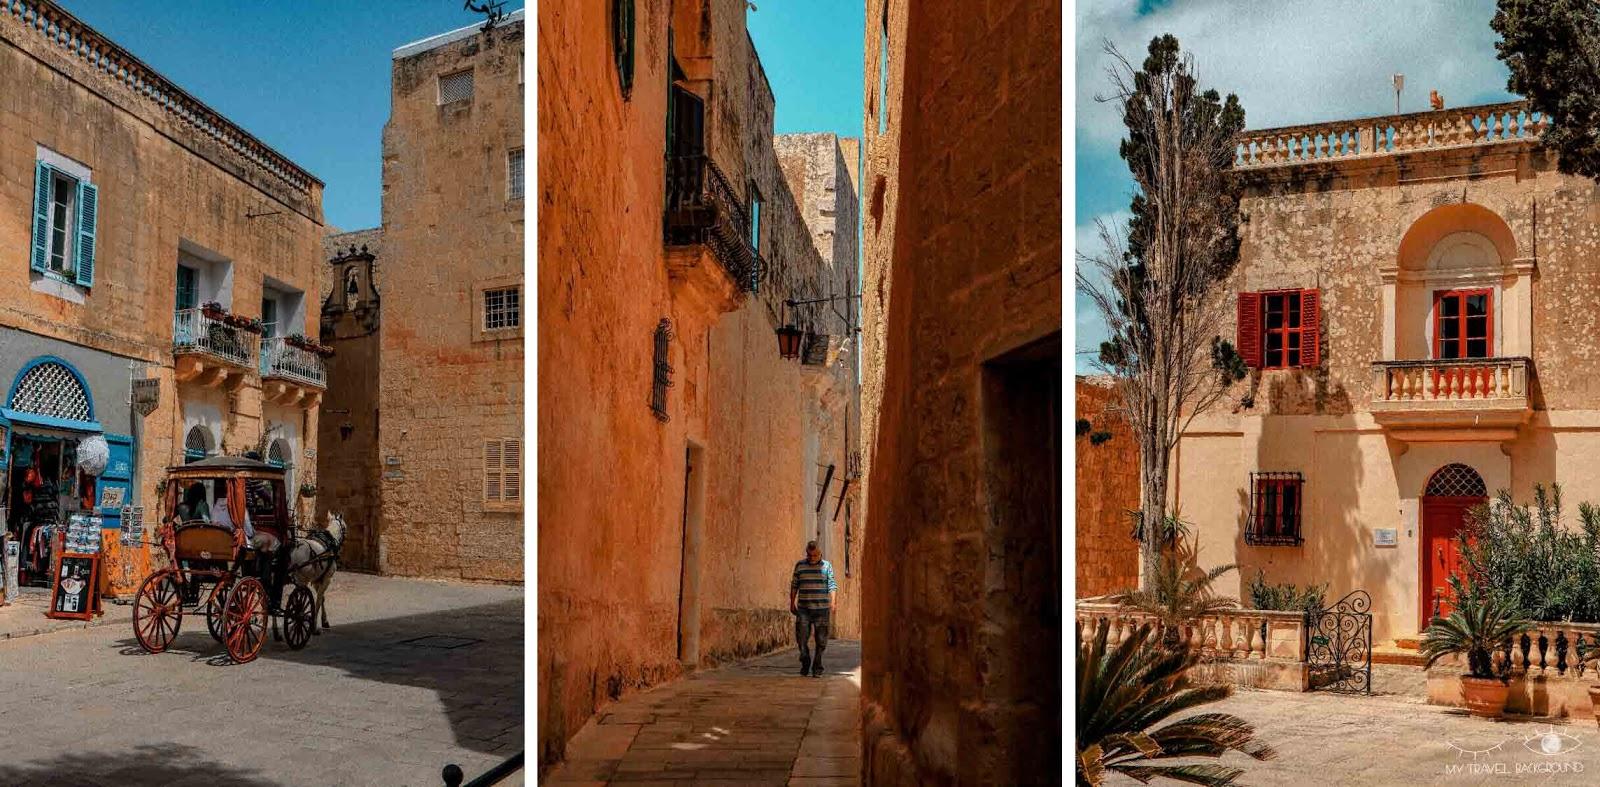 My Travel Background : les incontournables de Malte, Île de Malte (partie 1) - Mdina